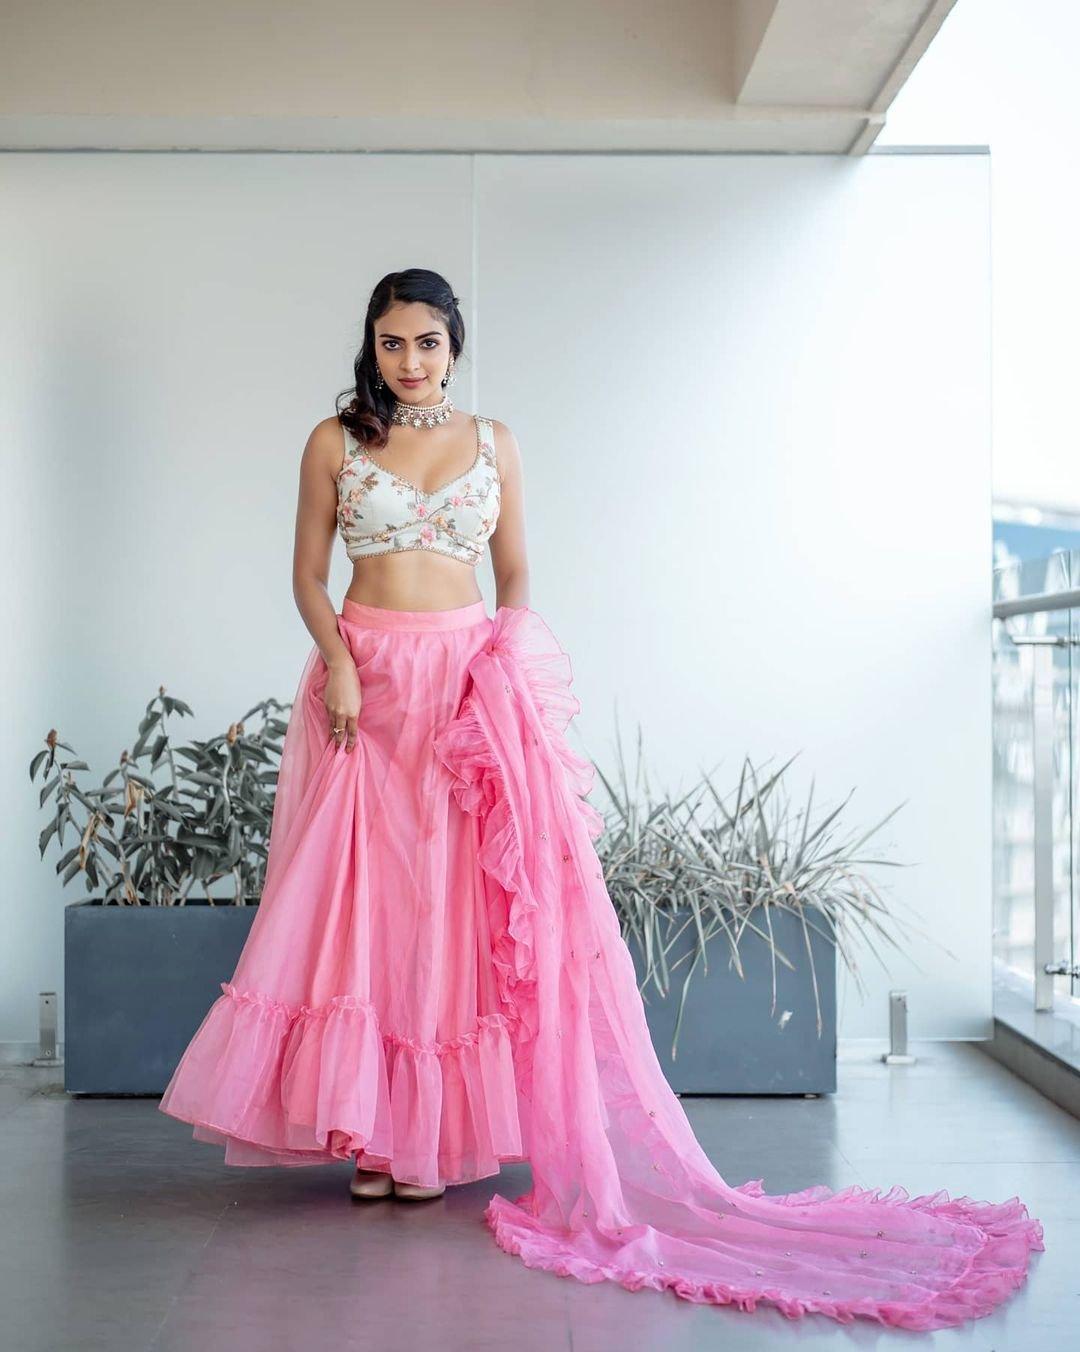 Actress-Amala-Paul-News-Photos-in-Pink-Dress-10